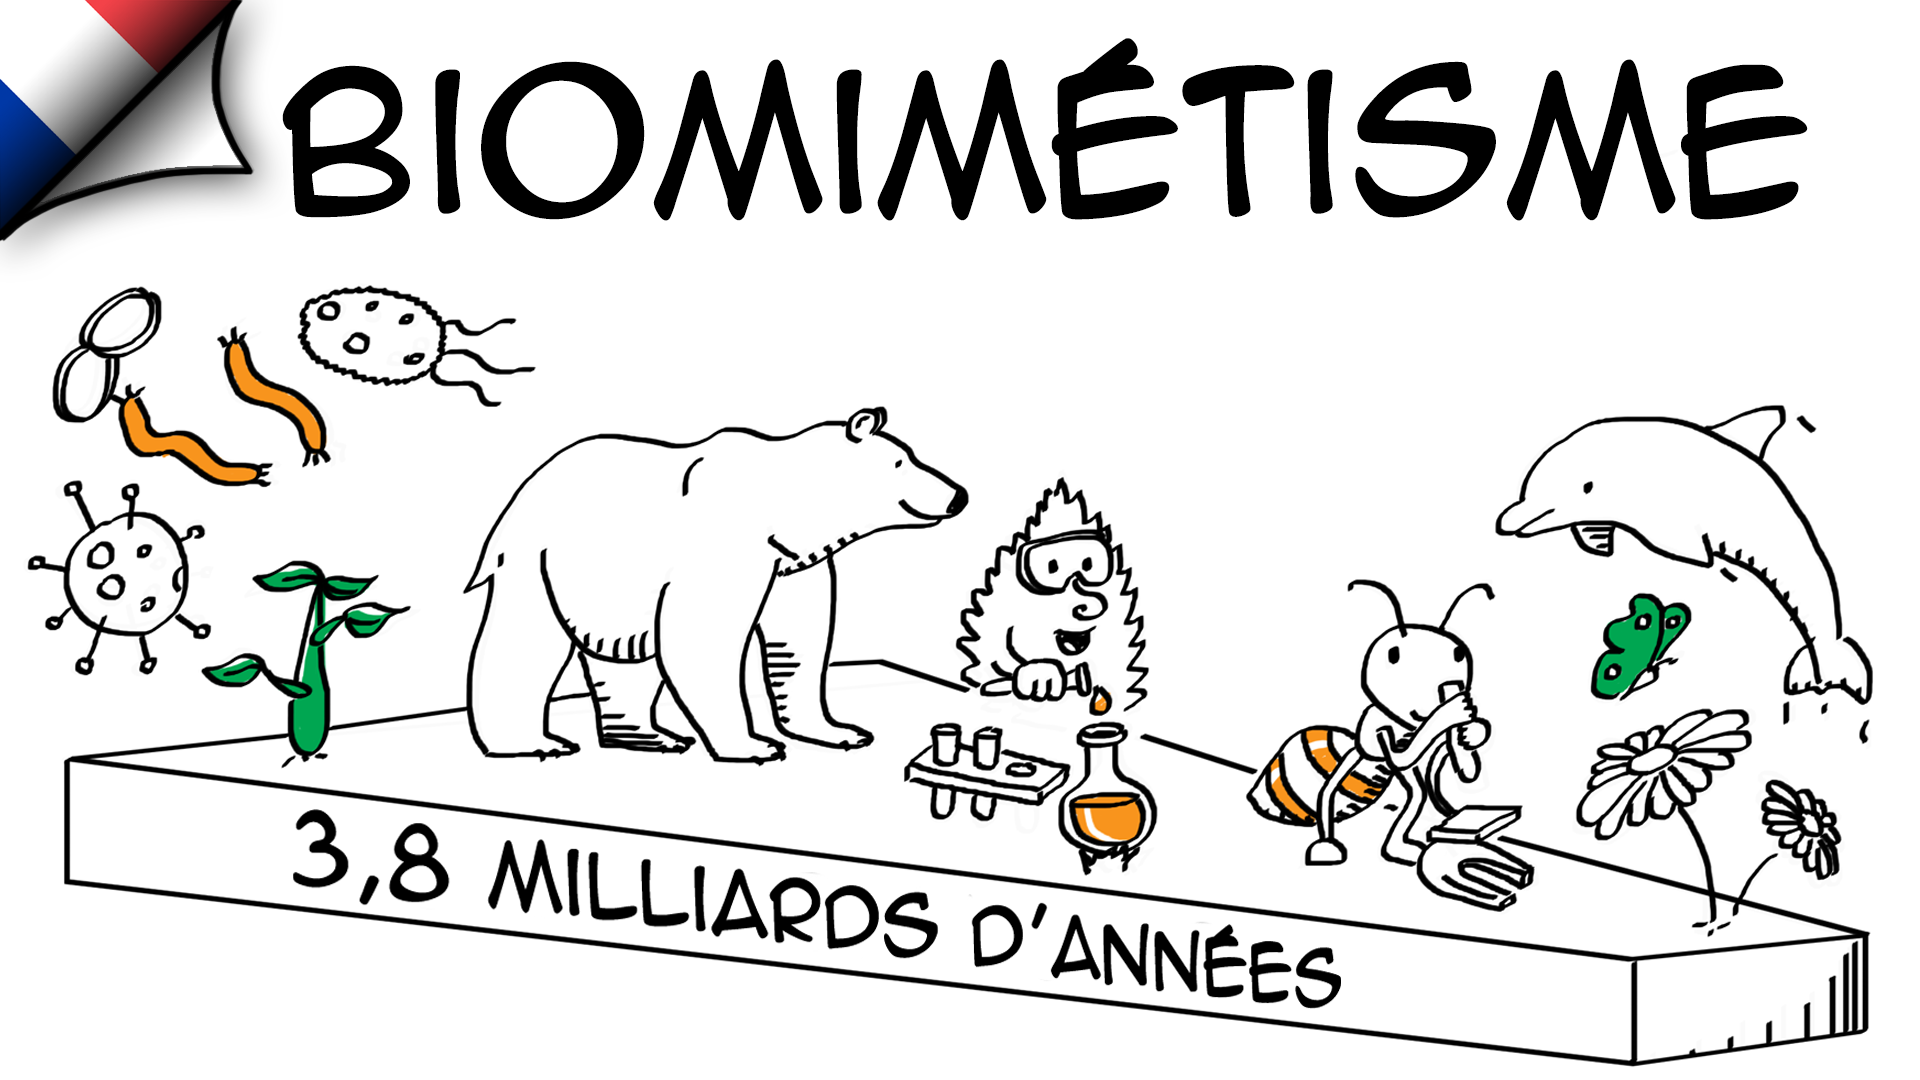 Biomimétisme : innovation inspirée de la nature